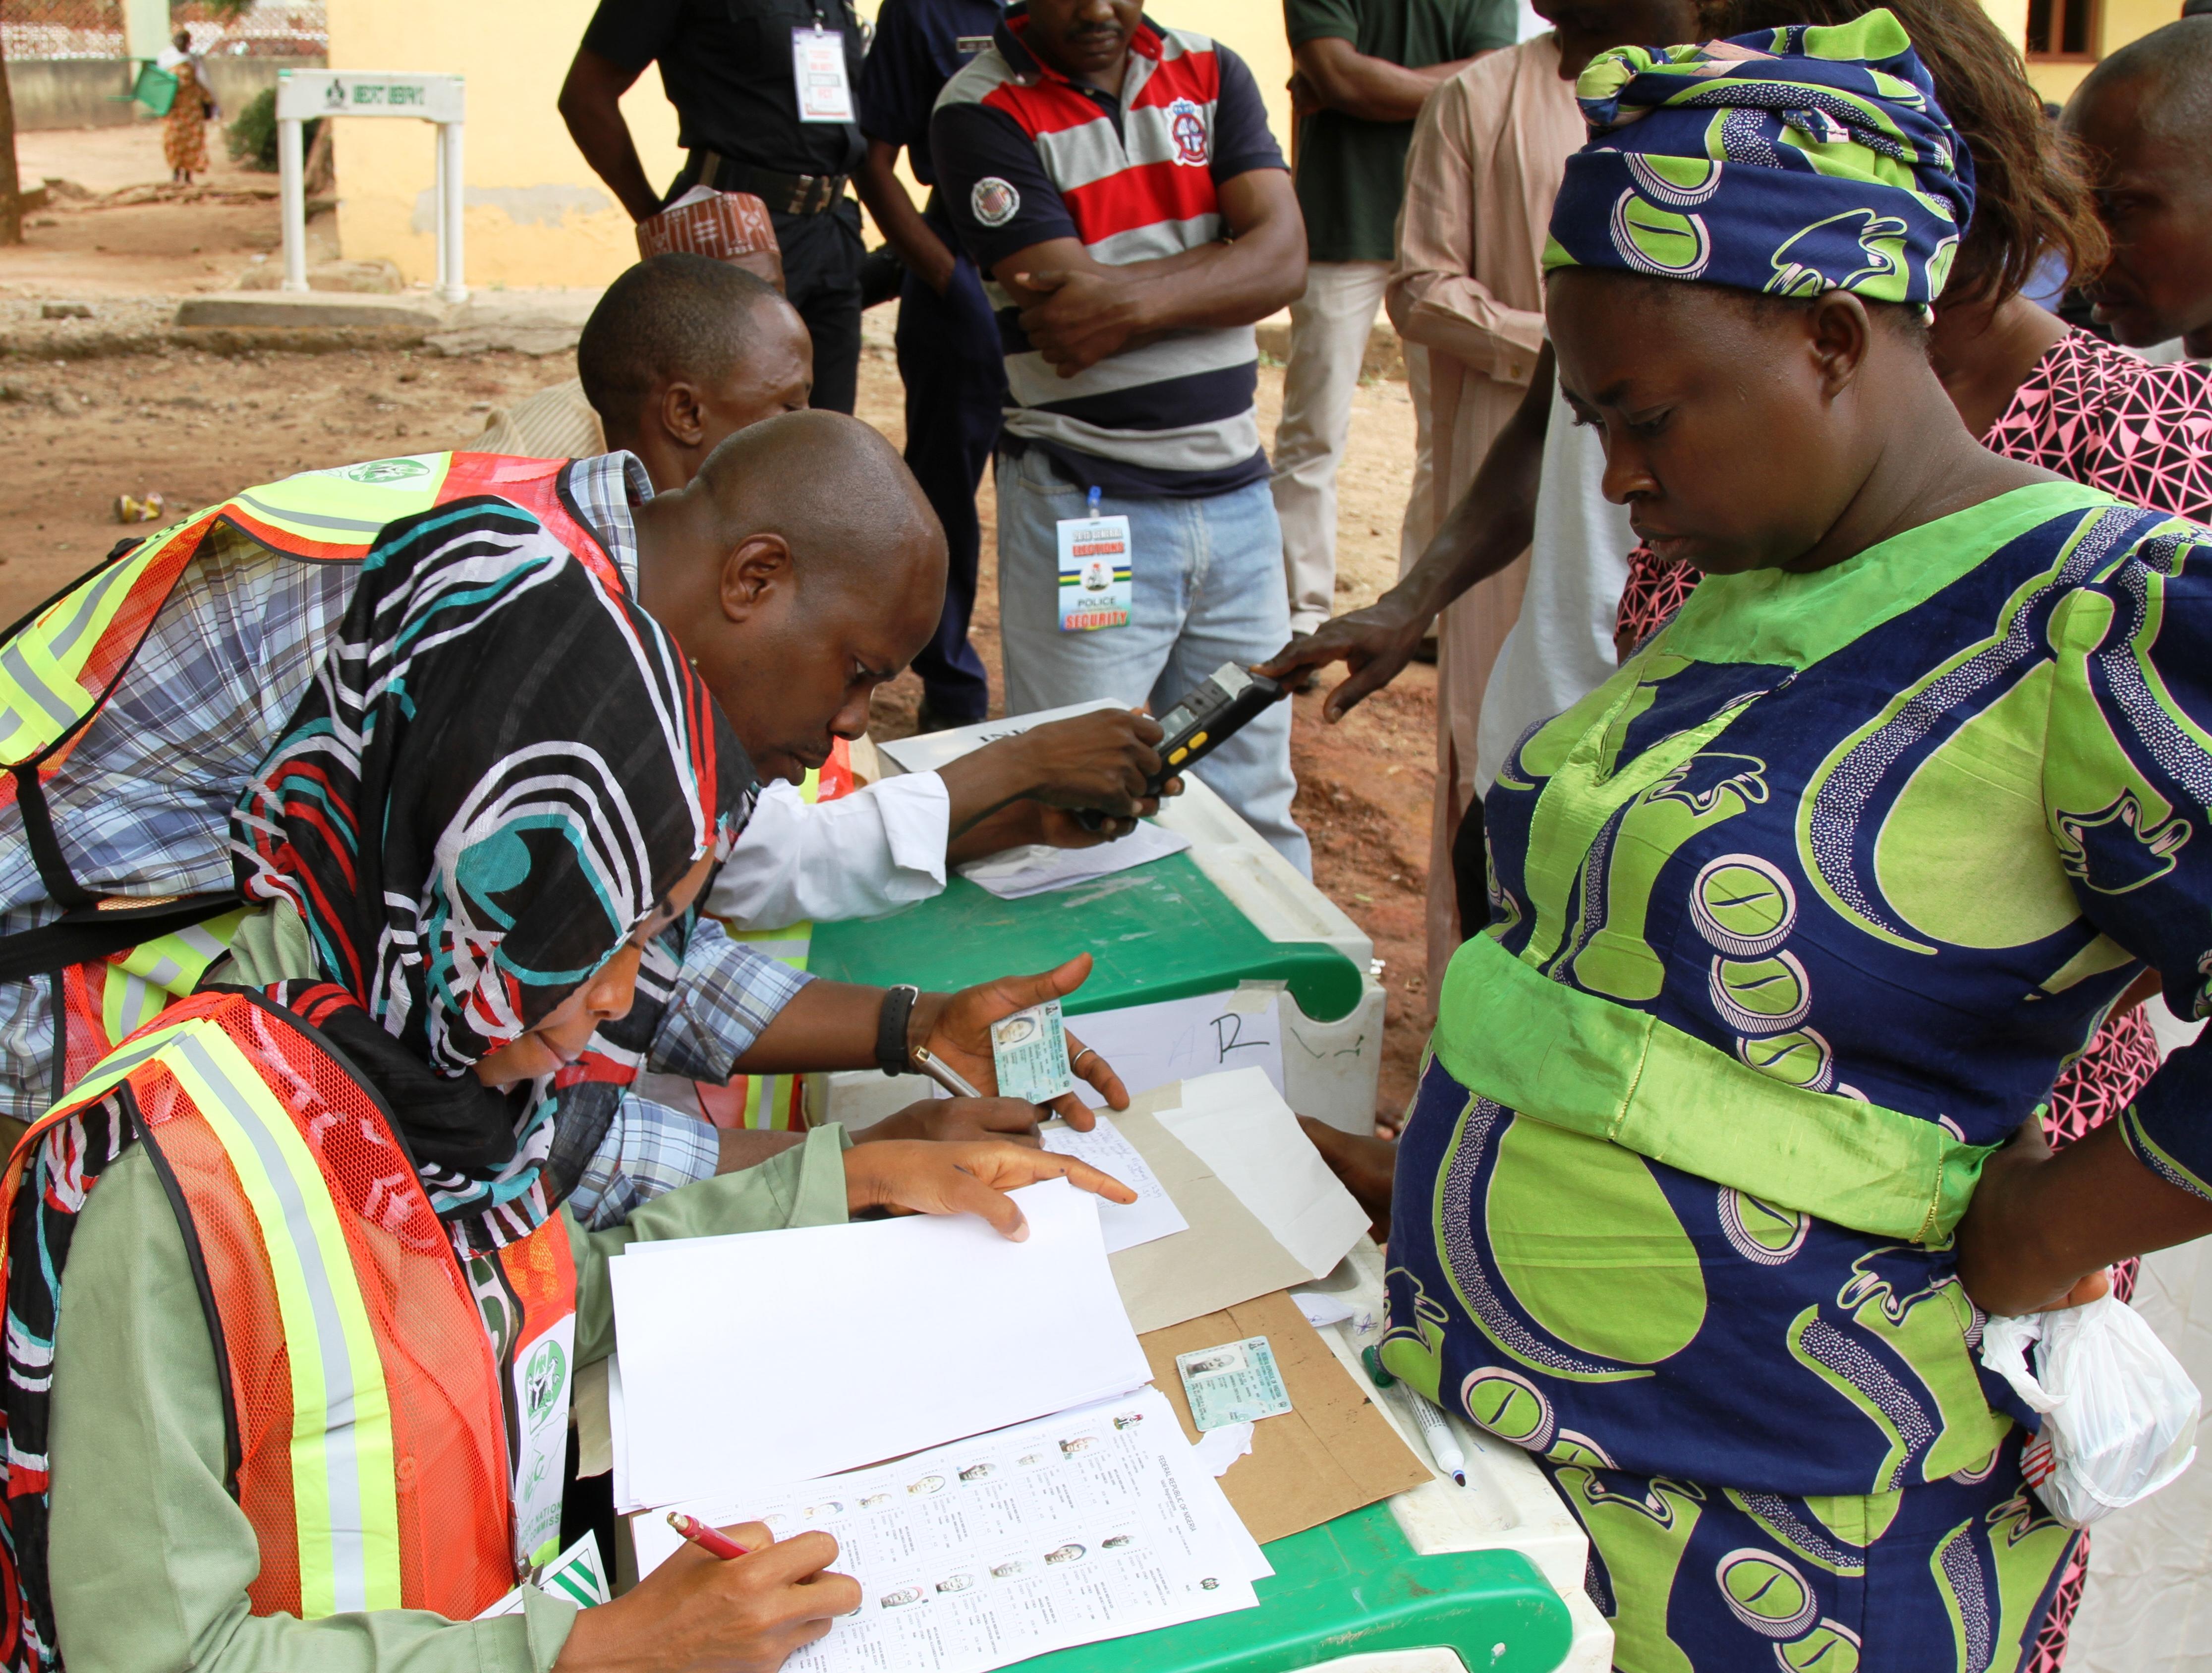 Une femme debout regarde un autre femme, assise à une table, en train de noter des choses sur une feuille. (Ambassade des États-Unis au Nigeria/Idika Onyukwu)